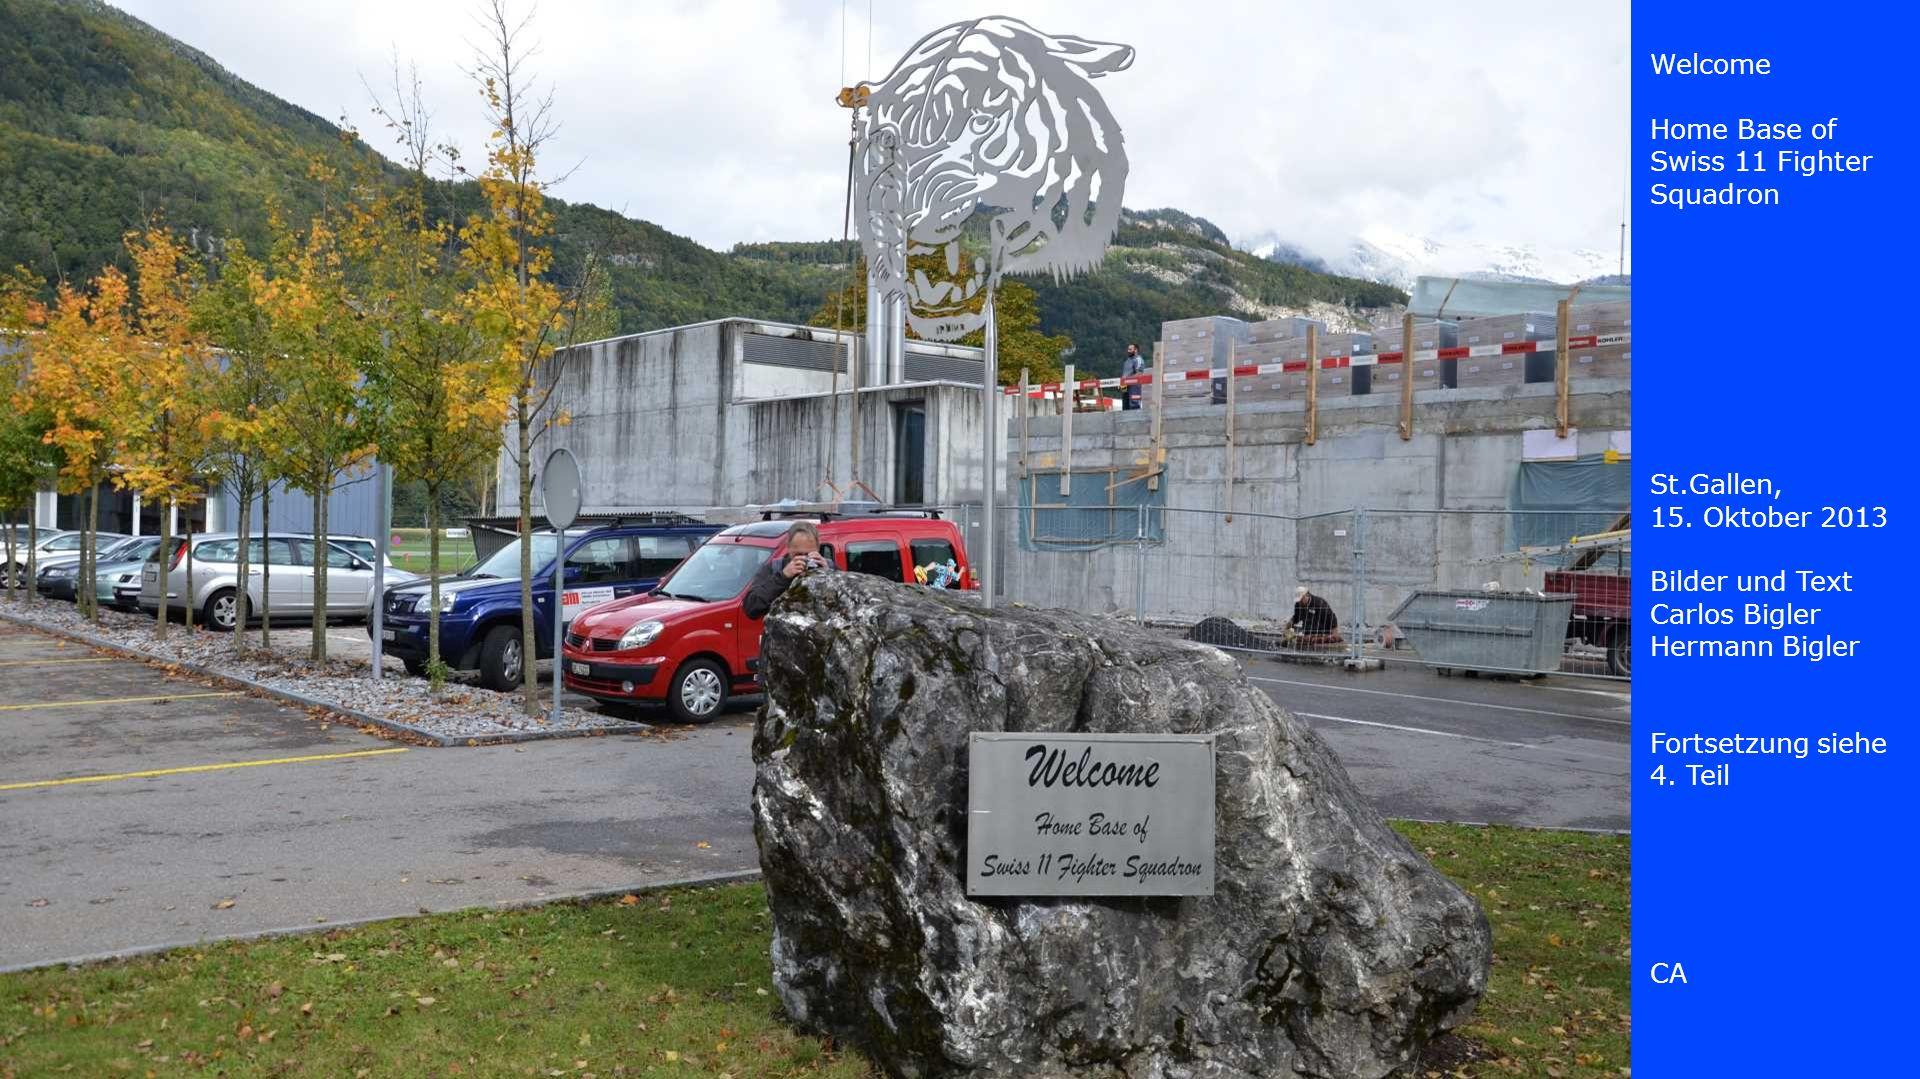 Welcome Home Base ofSwiss 11 Fighter Squadron. St.Gallen, 15. Oktober 2013. Bilder und Text. Carlos Bigler.